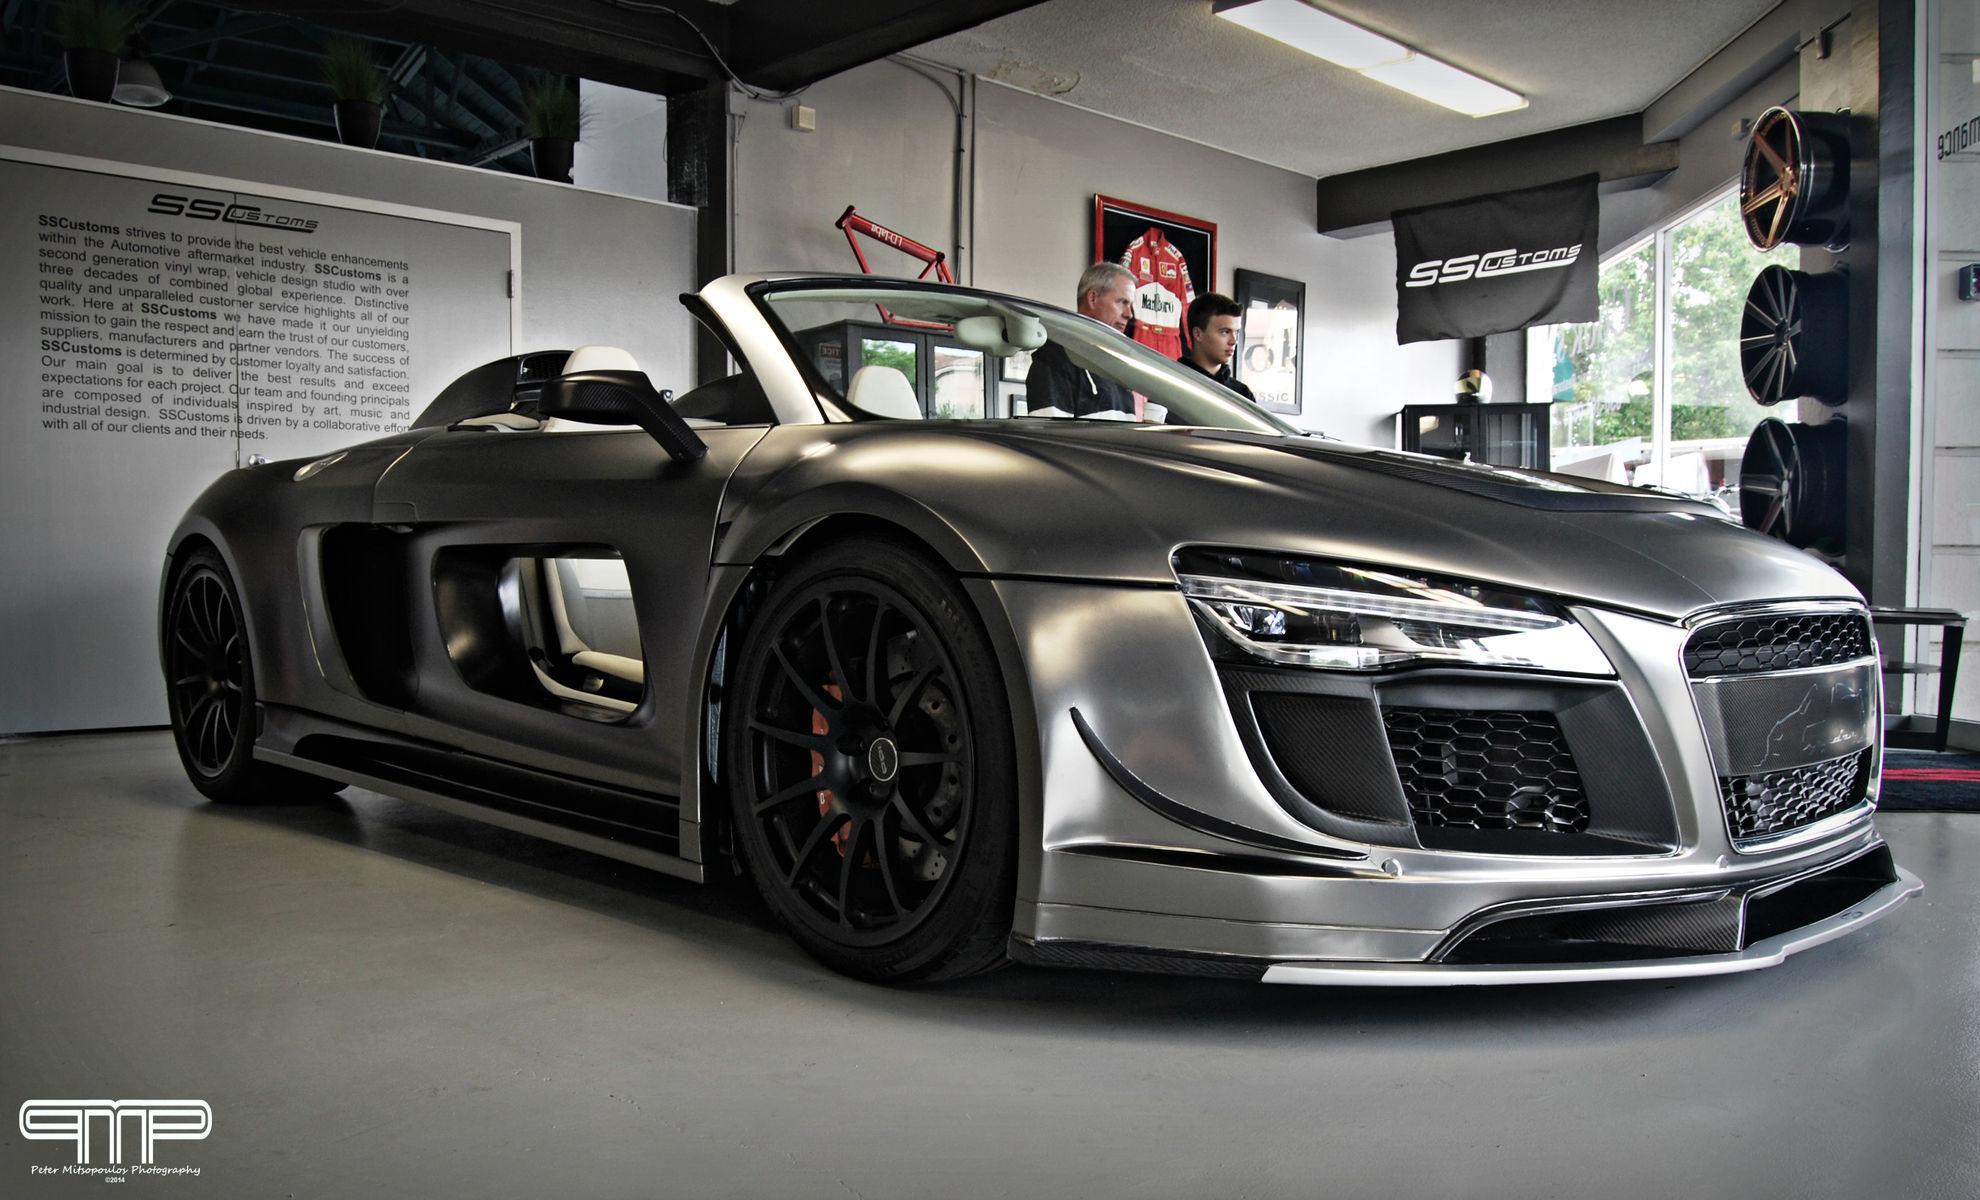 Audi R8 | PPI Razor Audi R8 Spyder